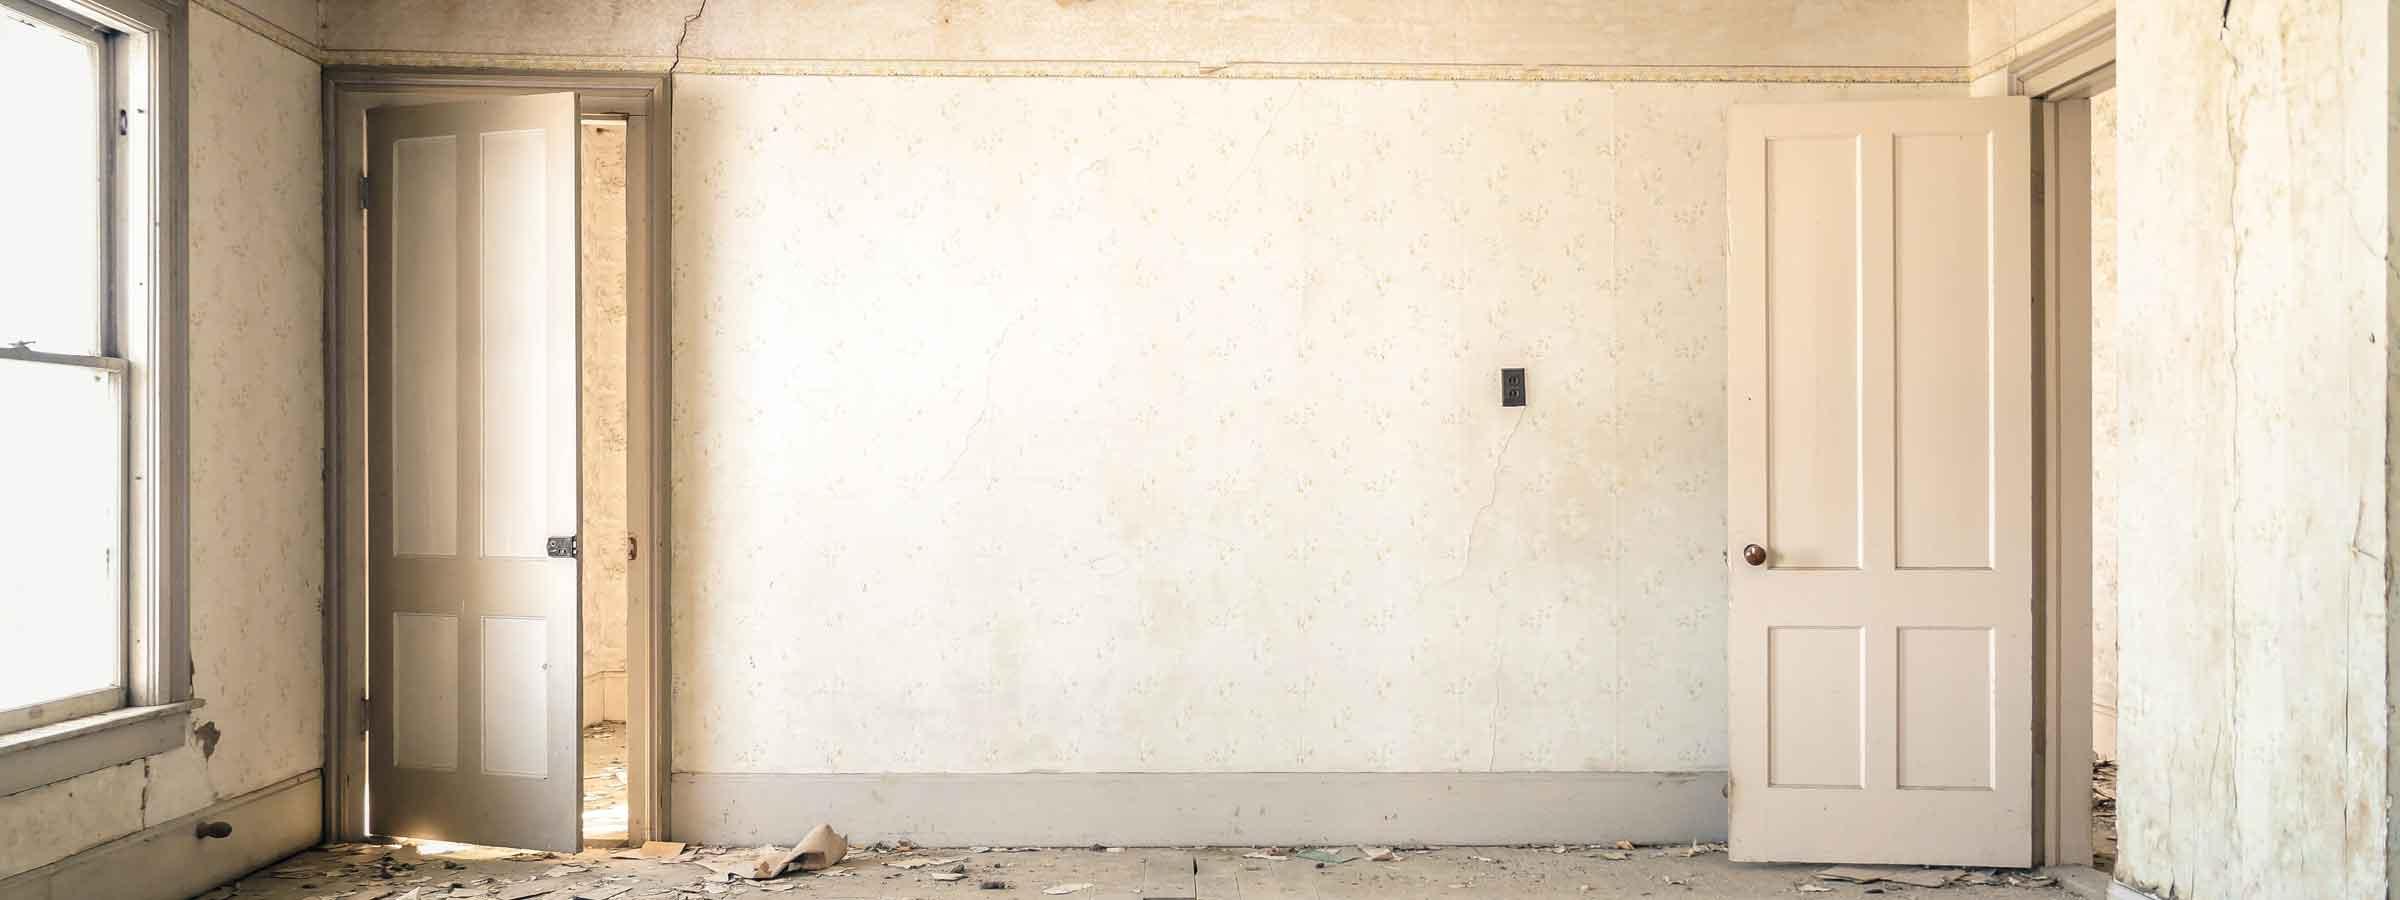 Stanza di un abitazione durante la ristrutturazione dell' appartamento.